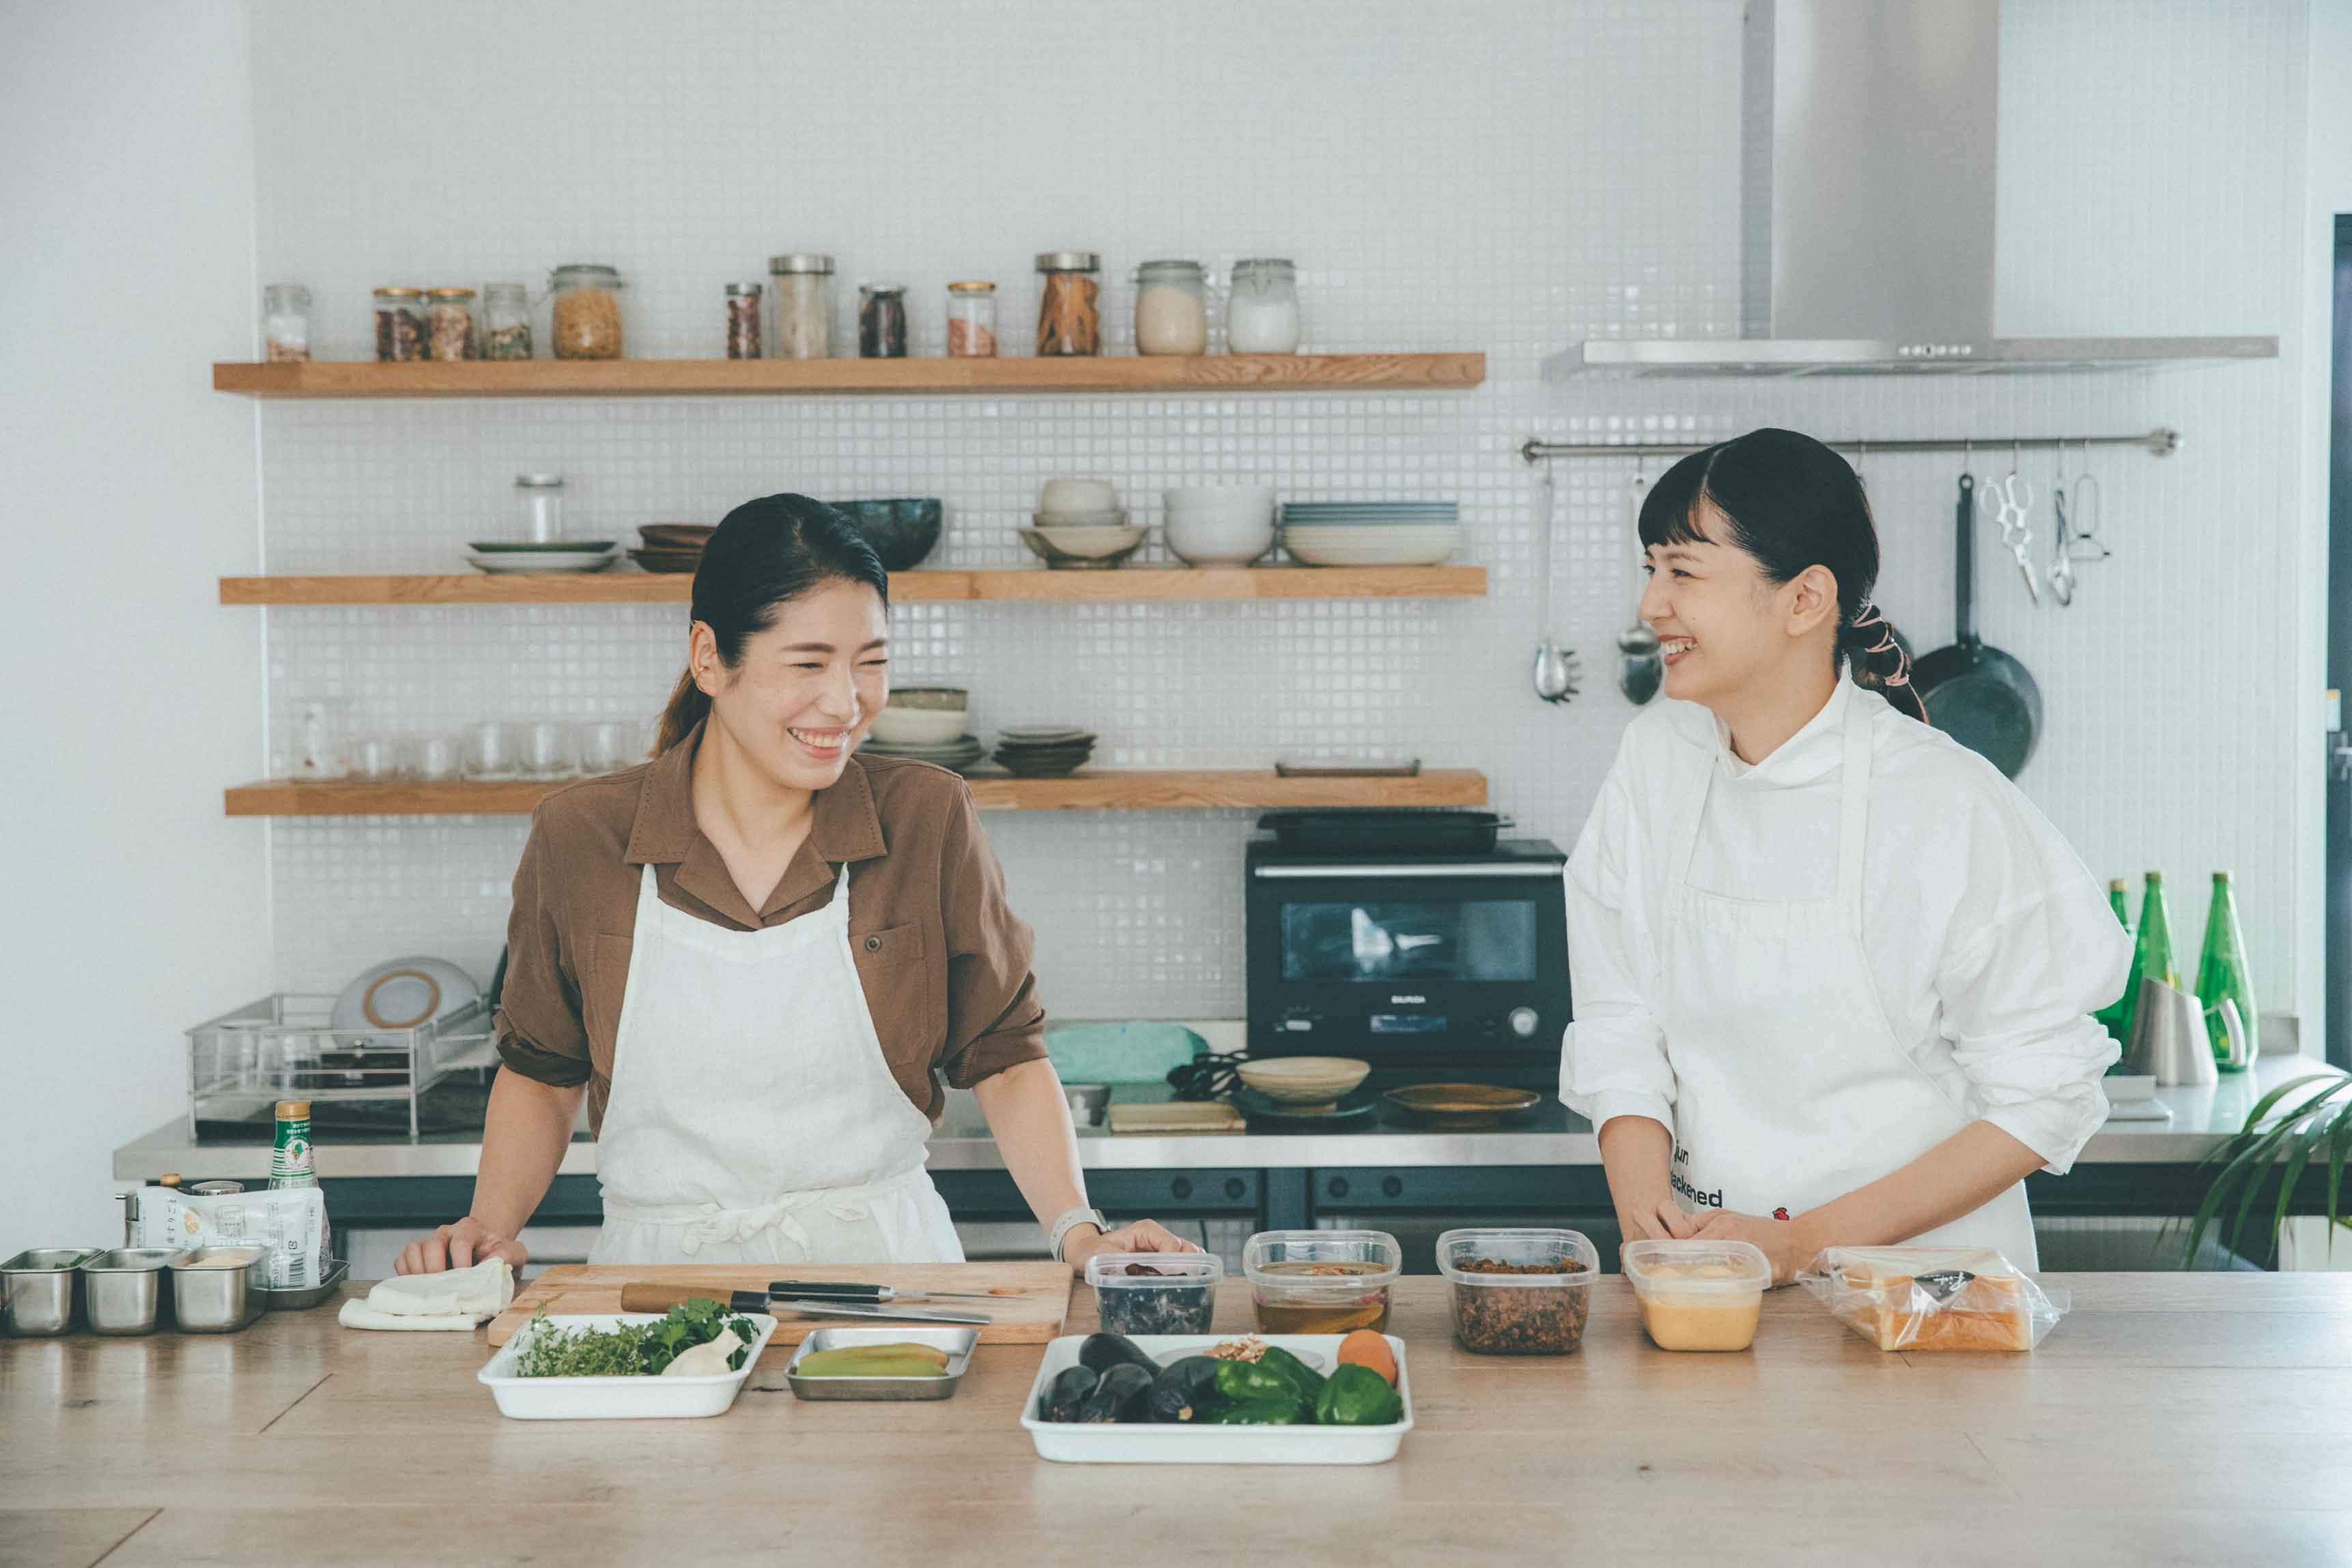 菊池亜希子さん春井春乃さんから常備菜を教わる